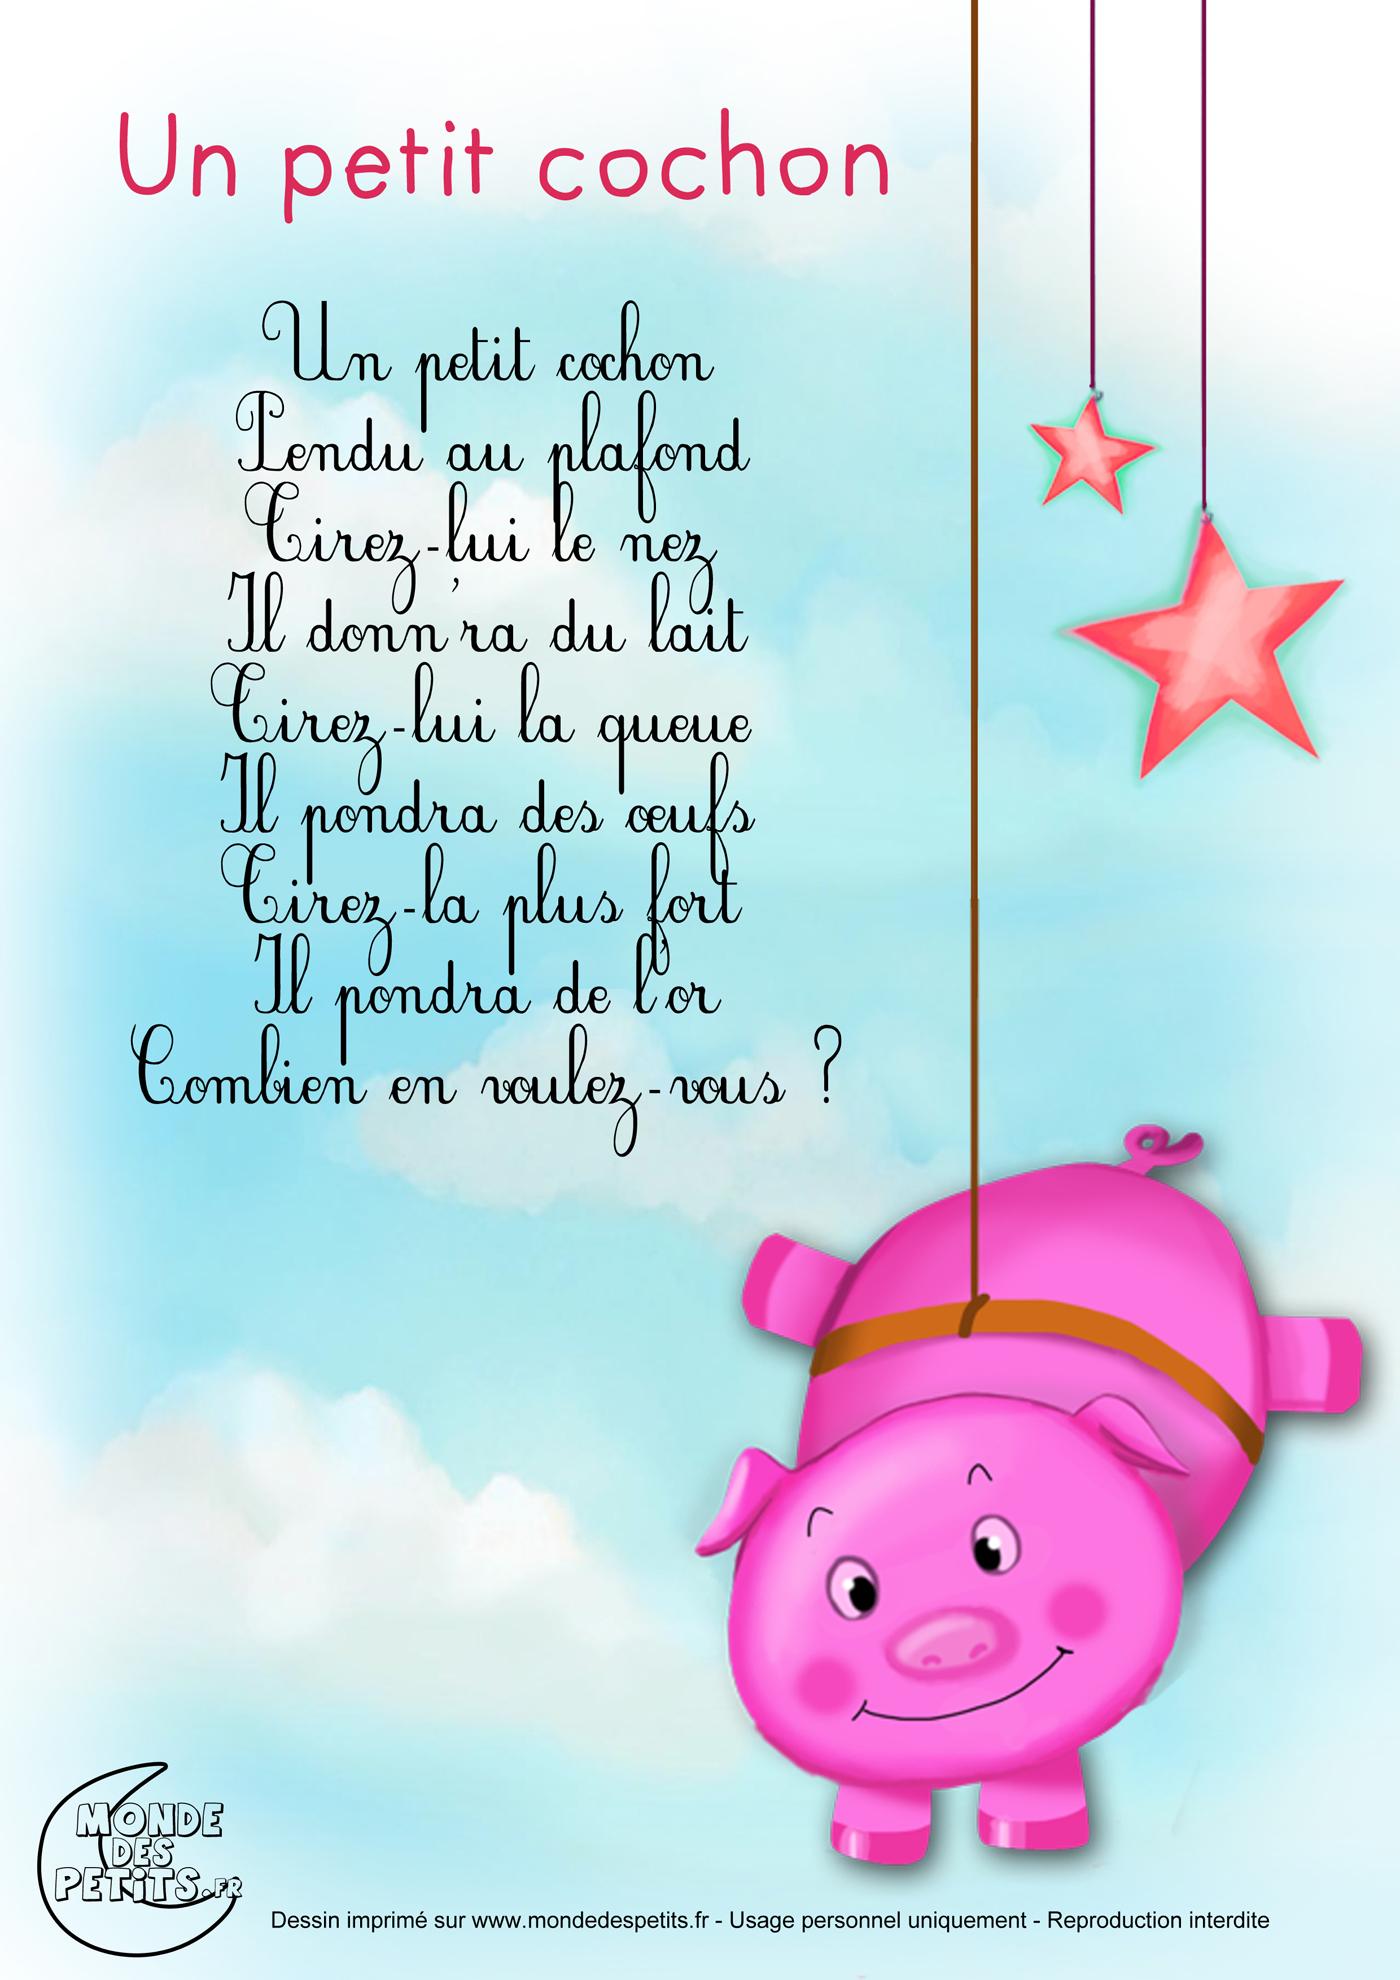 Monde des petits un petit cochon pendu au plafond - Petit cochon pendu au plafond ...